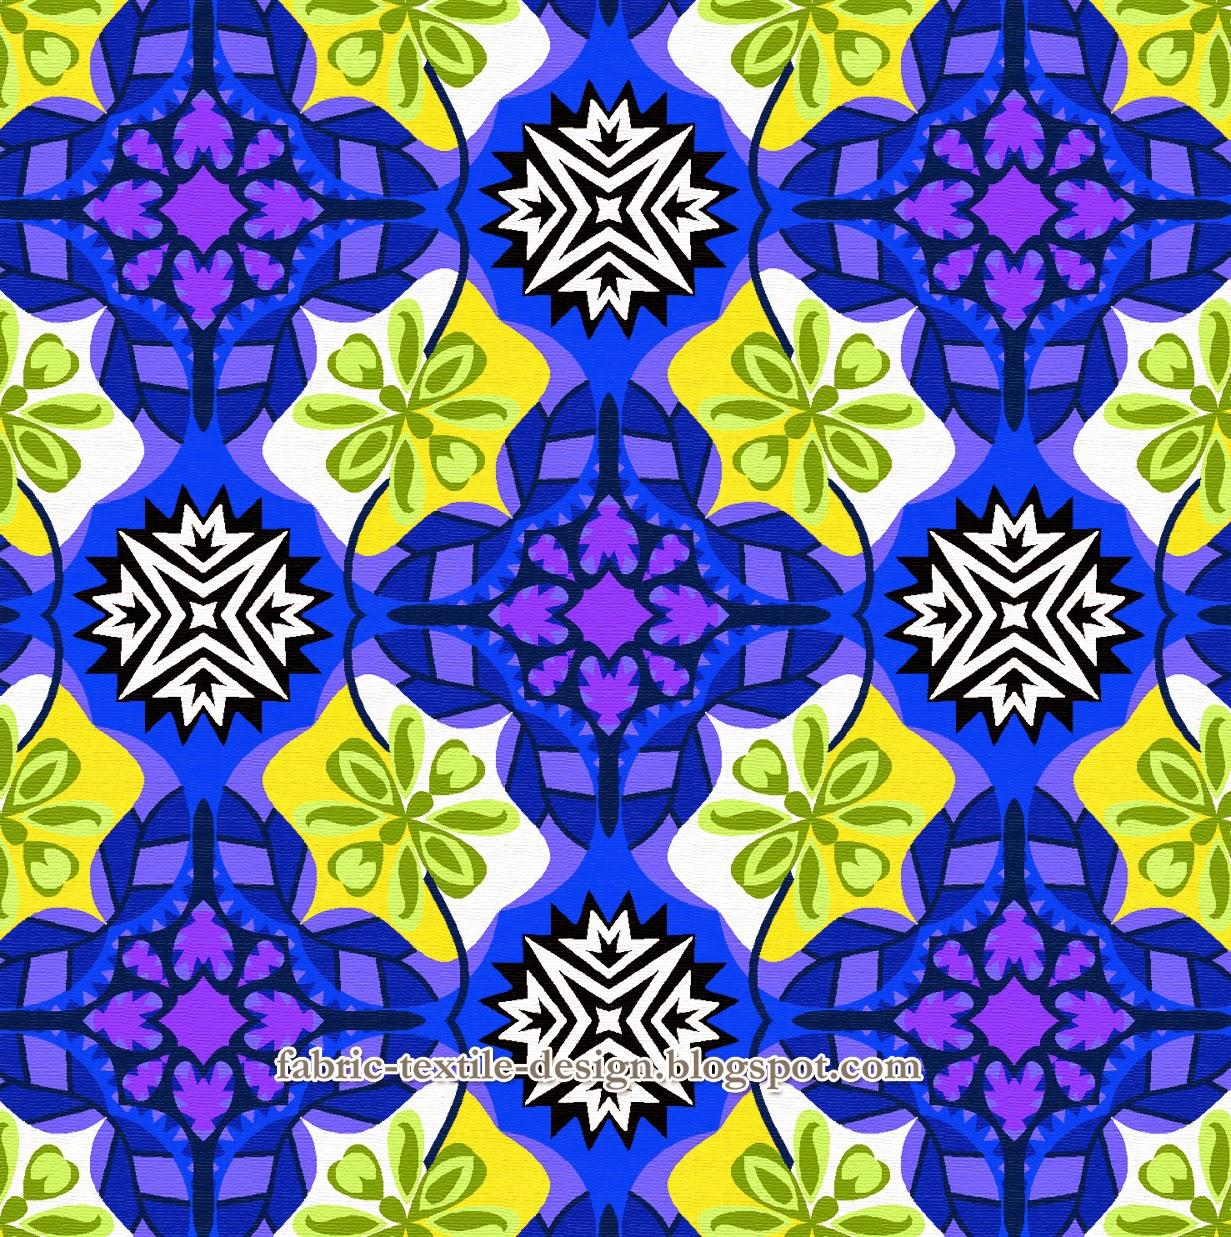 Textile Designing In Faisalabad Fabrics Designs In